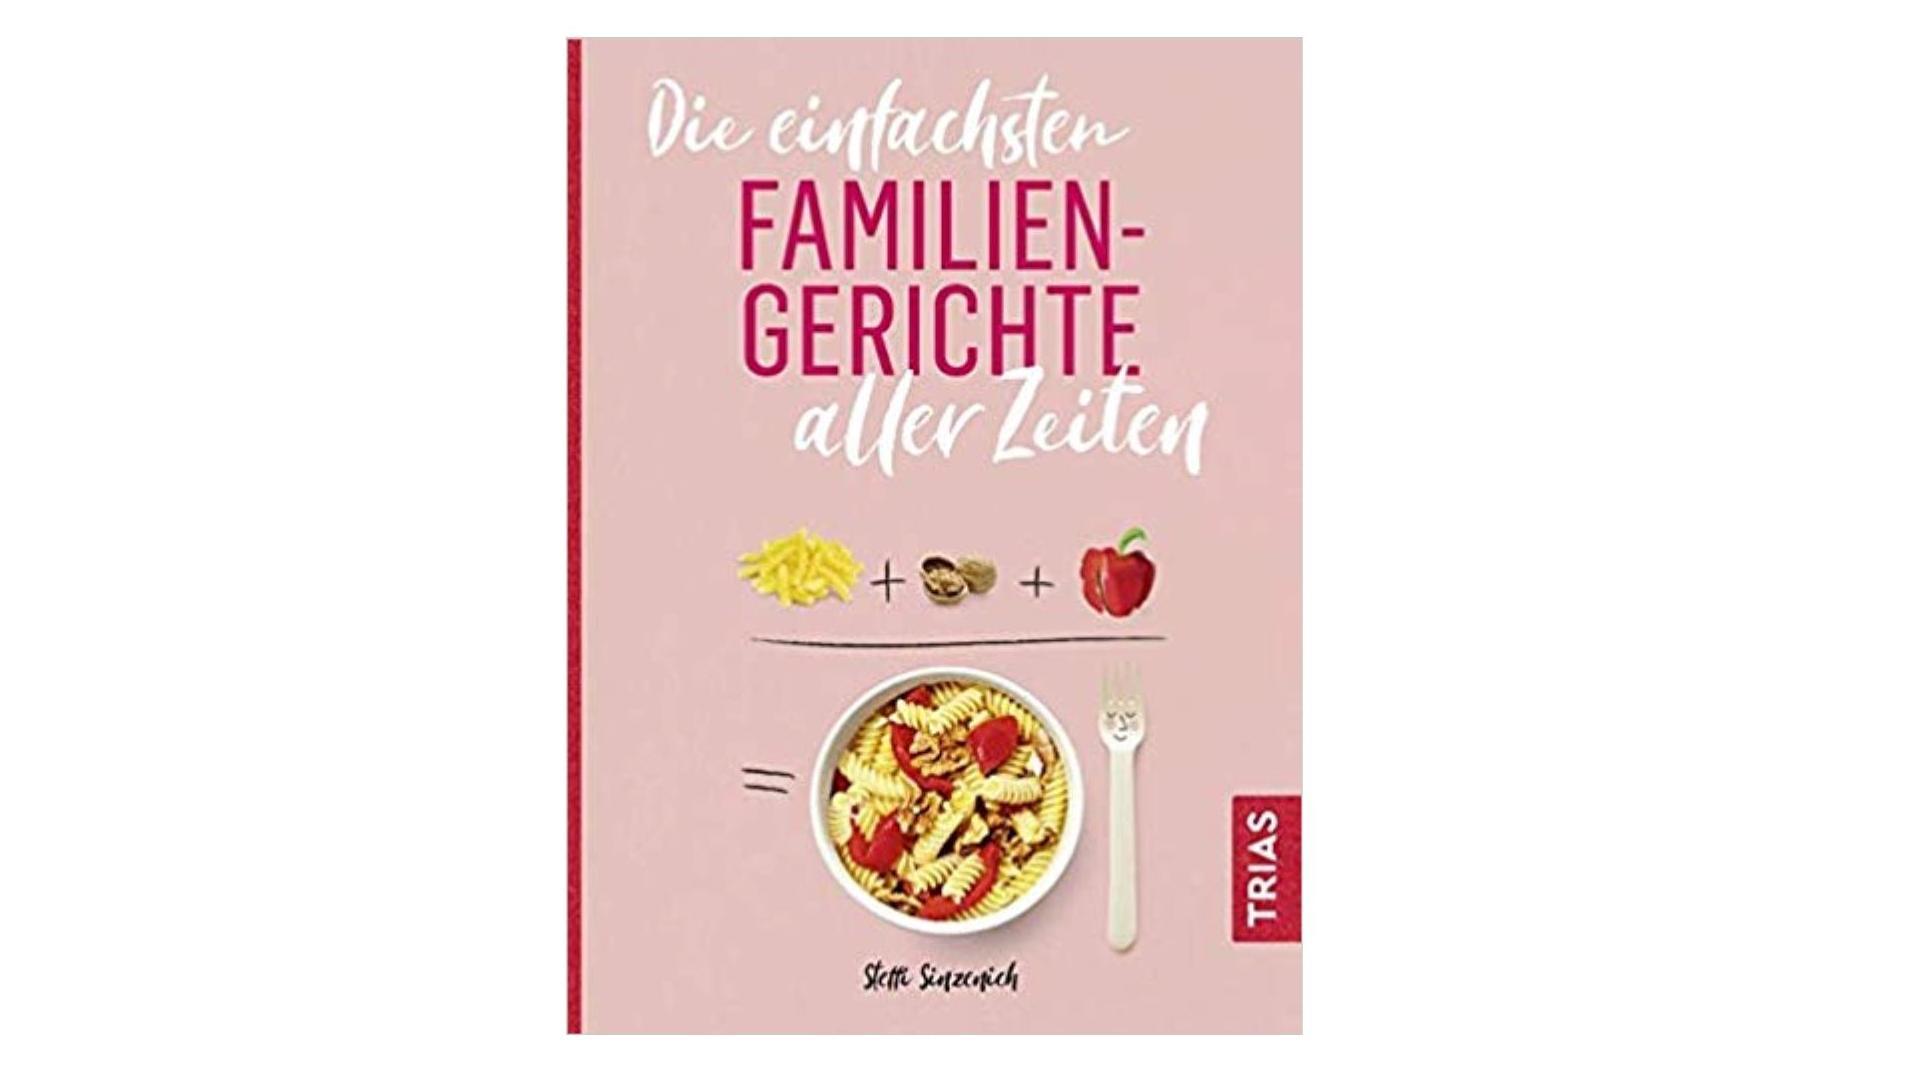 einfache Familiengerichte von Steffi Sinzenich